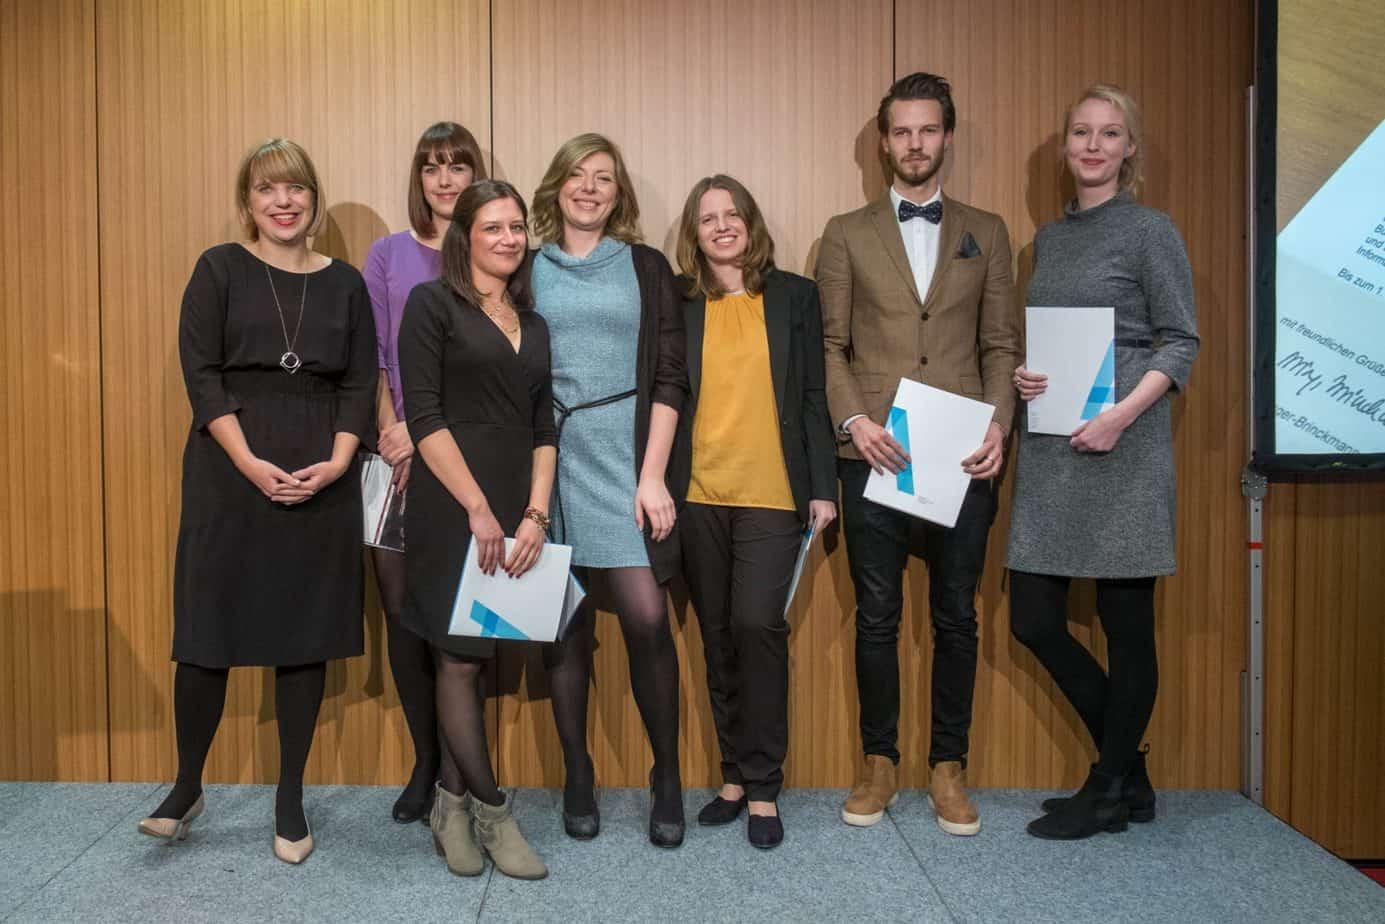 HAZ-Projekt mit Medienpreis ausgezeichnet